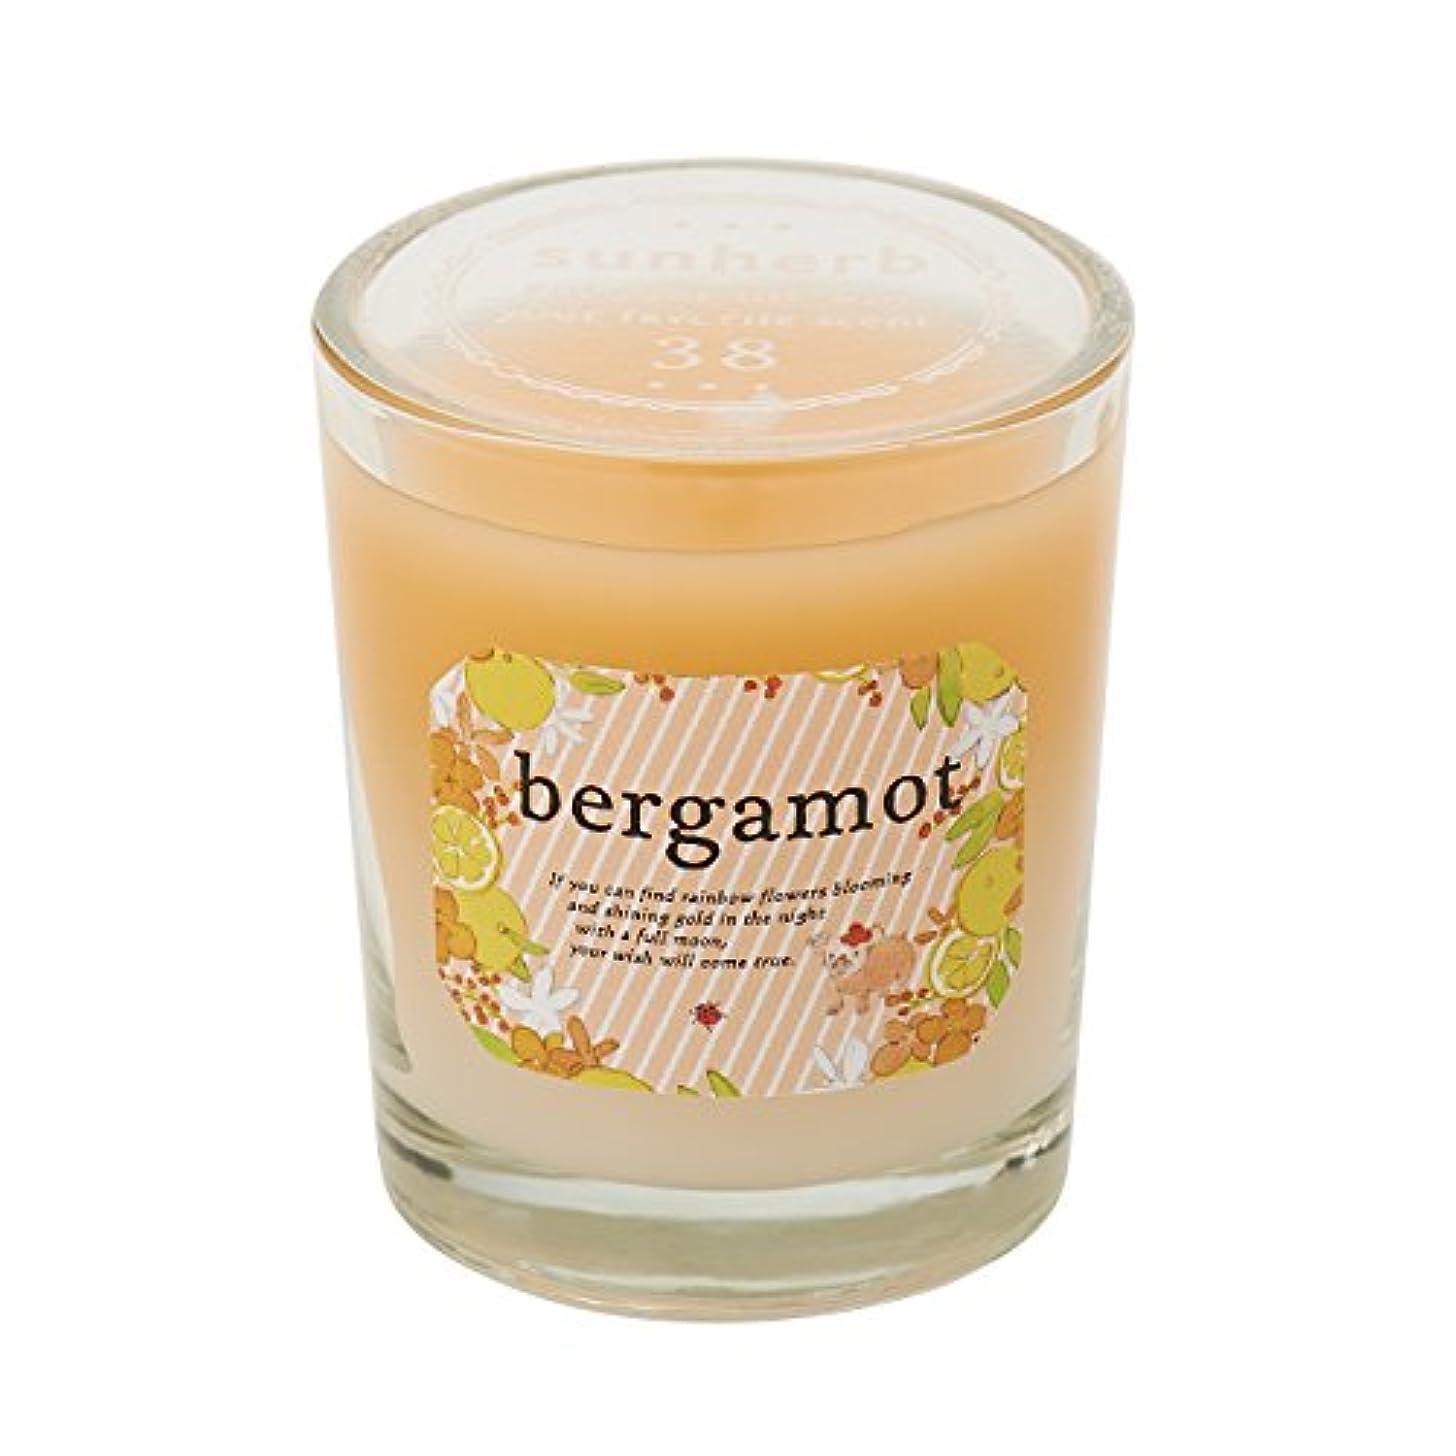 オッズ動くトロリーサンハーブ グラスキャンドル ベルガモット 35g(グラデーションろうそく 燃焼時間約10時間 懐かしい甘酸っぱい香り)